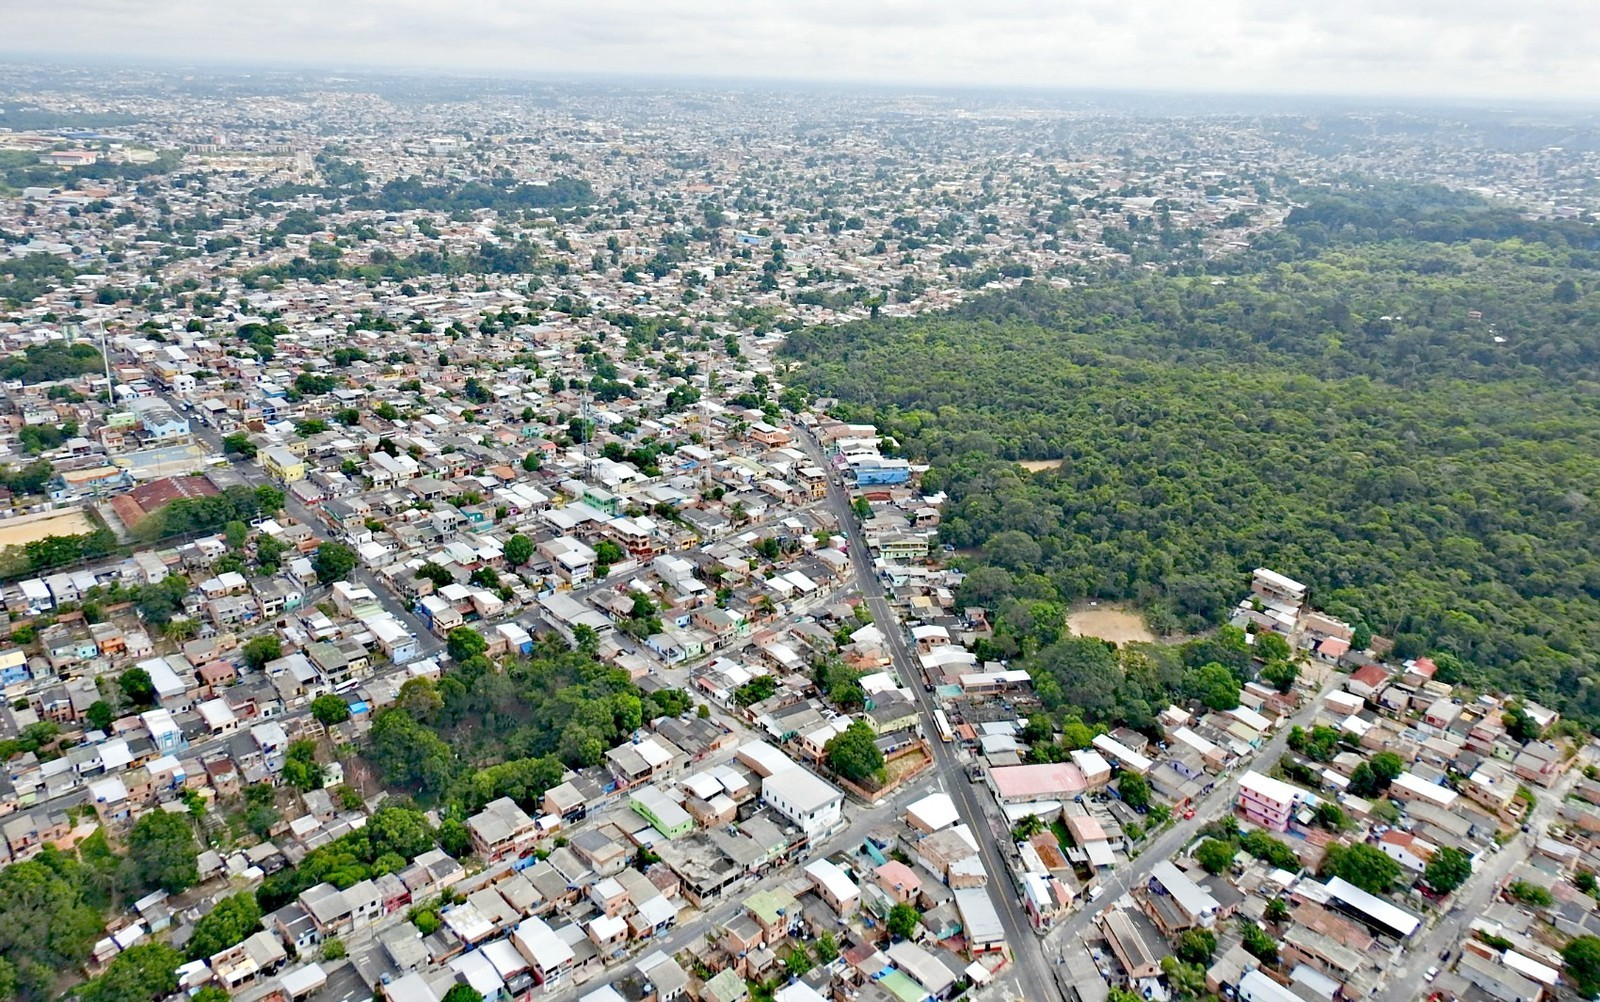 Simpósio vai discutir elaboração de Carta da Região Metropolitana de Manaus  - Notícias - Plantão Diário